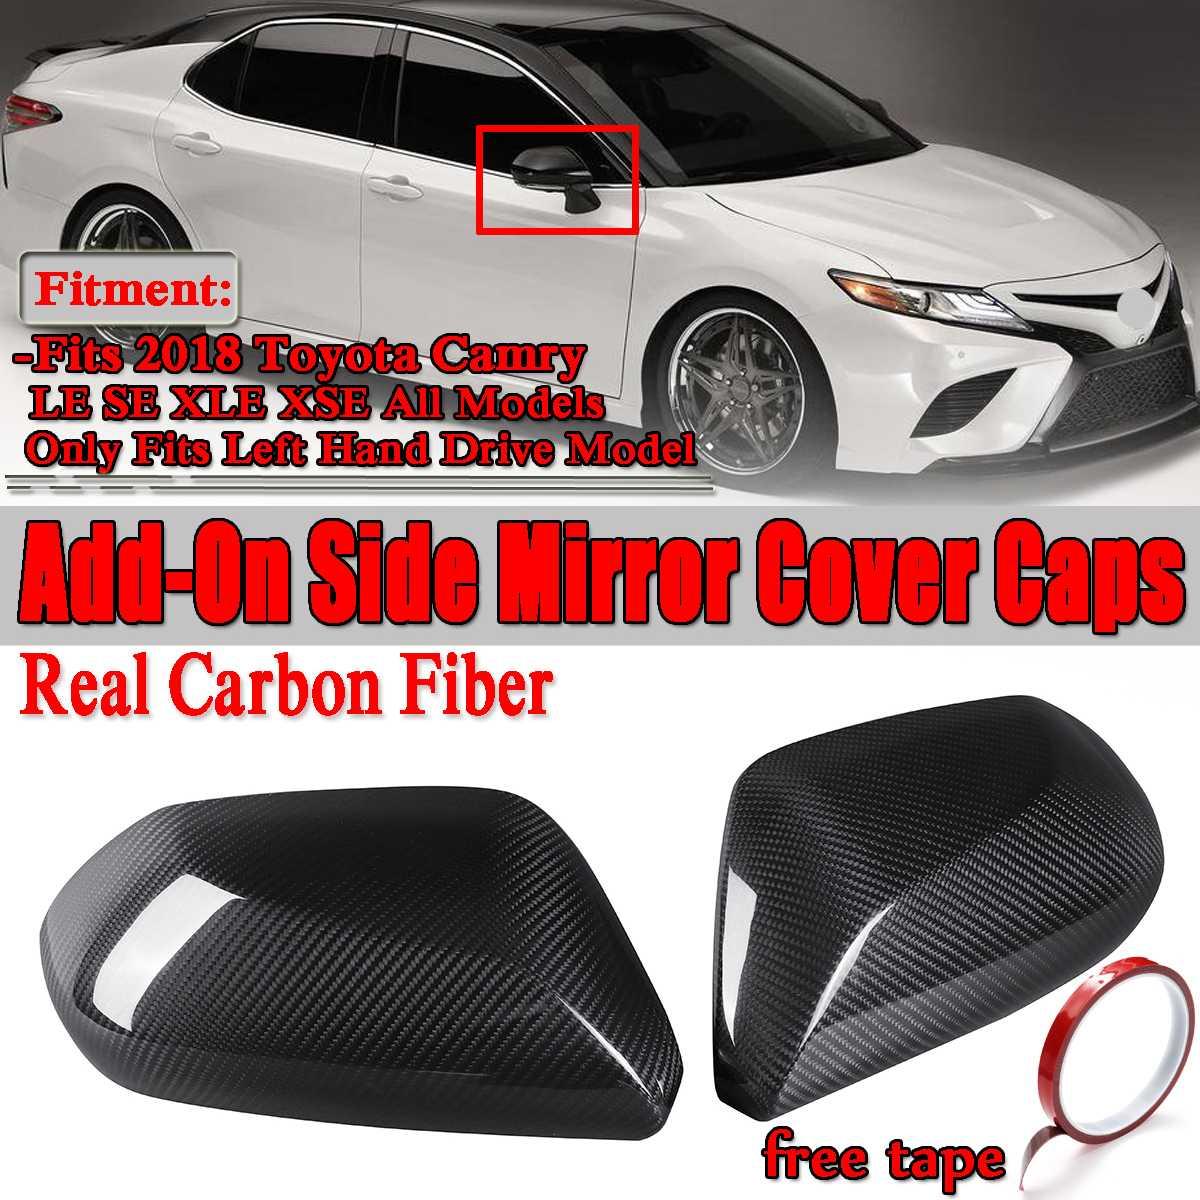 1 paire d'autocollants de protection pour rétroviseur de voiture en Fiber de carbone véritable pour Toyota Camry LE SE XLE XSE 2018